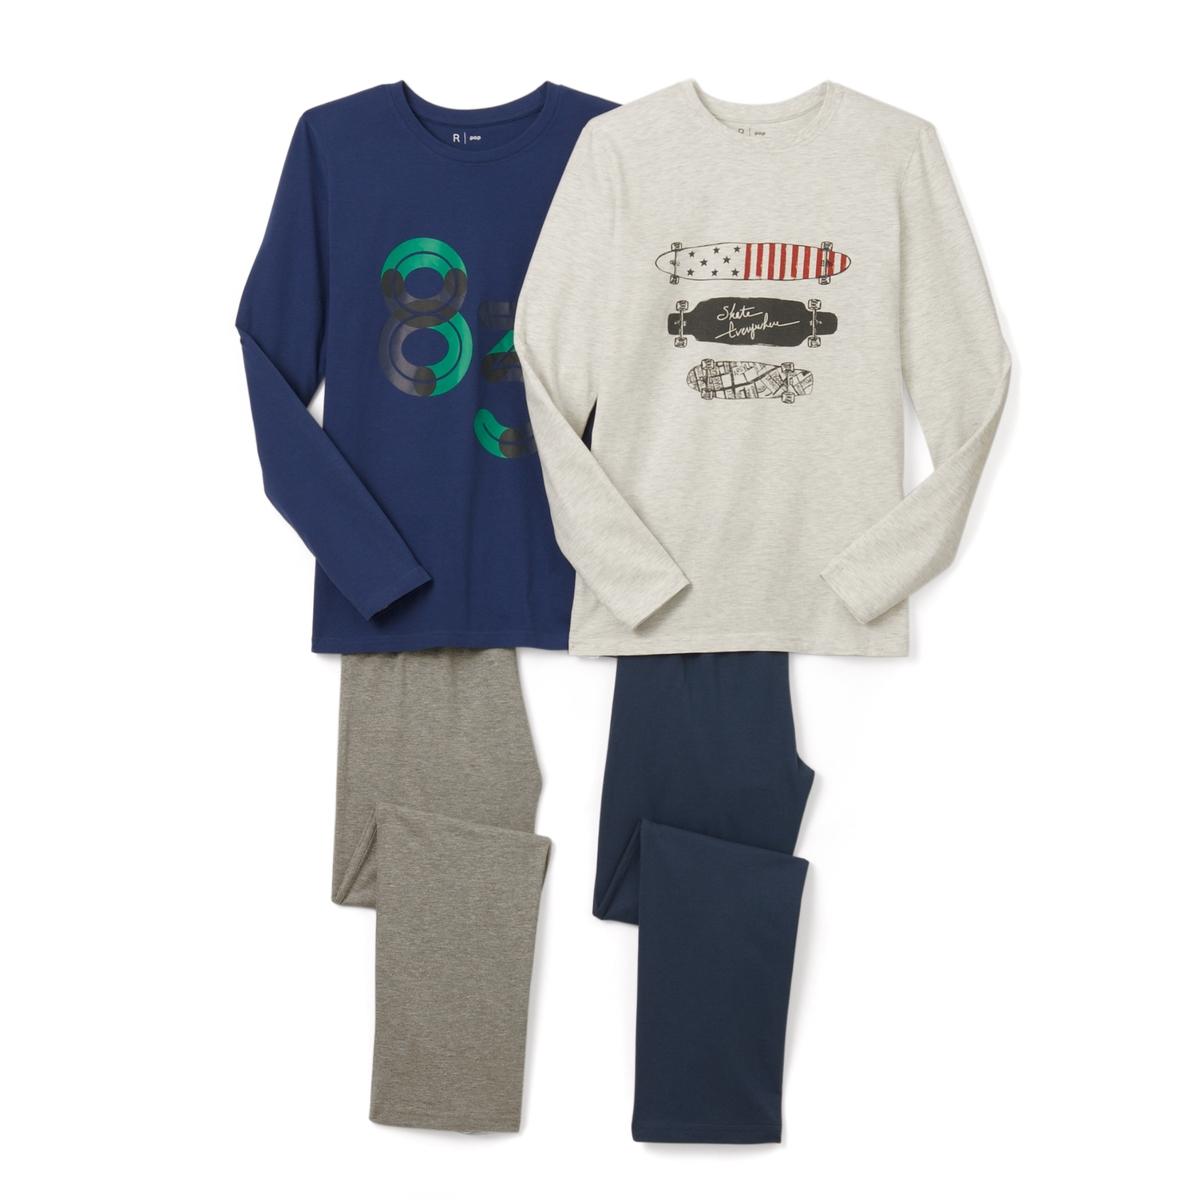 2 пижамы с принтом 10-16 летПижама: футболка с длинными рукавами и брюки. В комплекте 2 пижамы : Футболки с разными рисунками  . Брюки однотонные с эластичными поясами.Состав и описание :    Материал       Джерси 100% хлопок  (кроме цвета серый меланж: преимущественно из хлопка).  Уход: : - Машинная стирка при 30°C с вещами схожих цветов. Стирка и глажка с изнаночной стороны. Машинная сушка в умеренном режиме. Гладить на низкой температуре.<br><br>Цвет: синий/светло-серый меланж<br>Размер: 16 лет - 174 см.12 лет -150 см